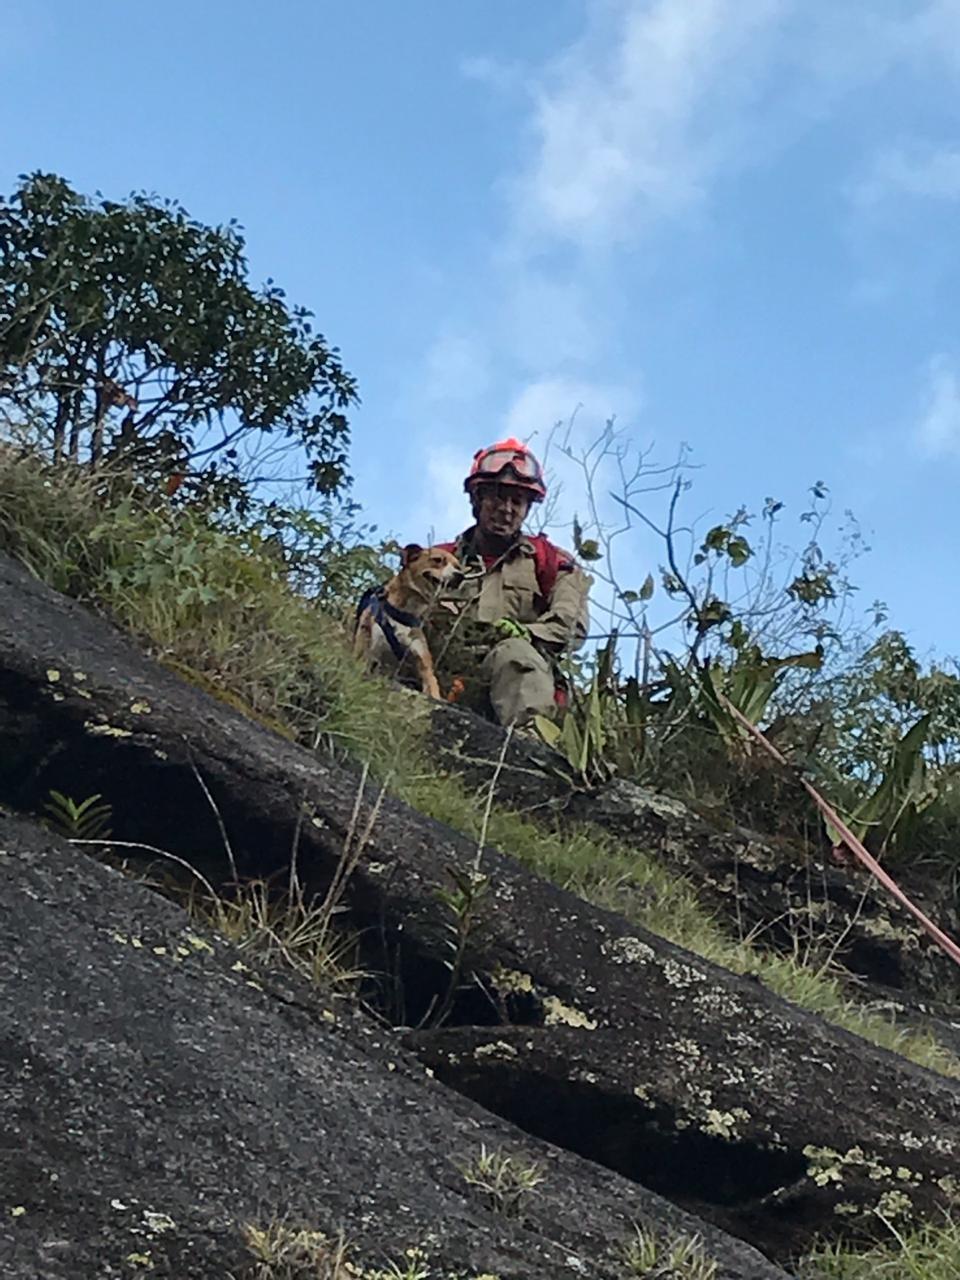 Bombeiros usam técnicas de escalada e rapel para resgatar cadela que ficou presa em pedreira no RJ - Notícias - Plantão Diário